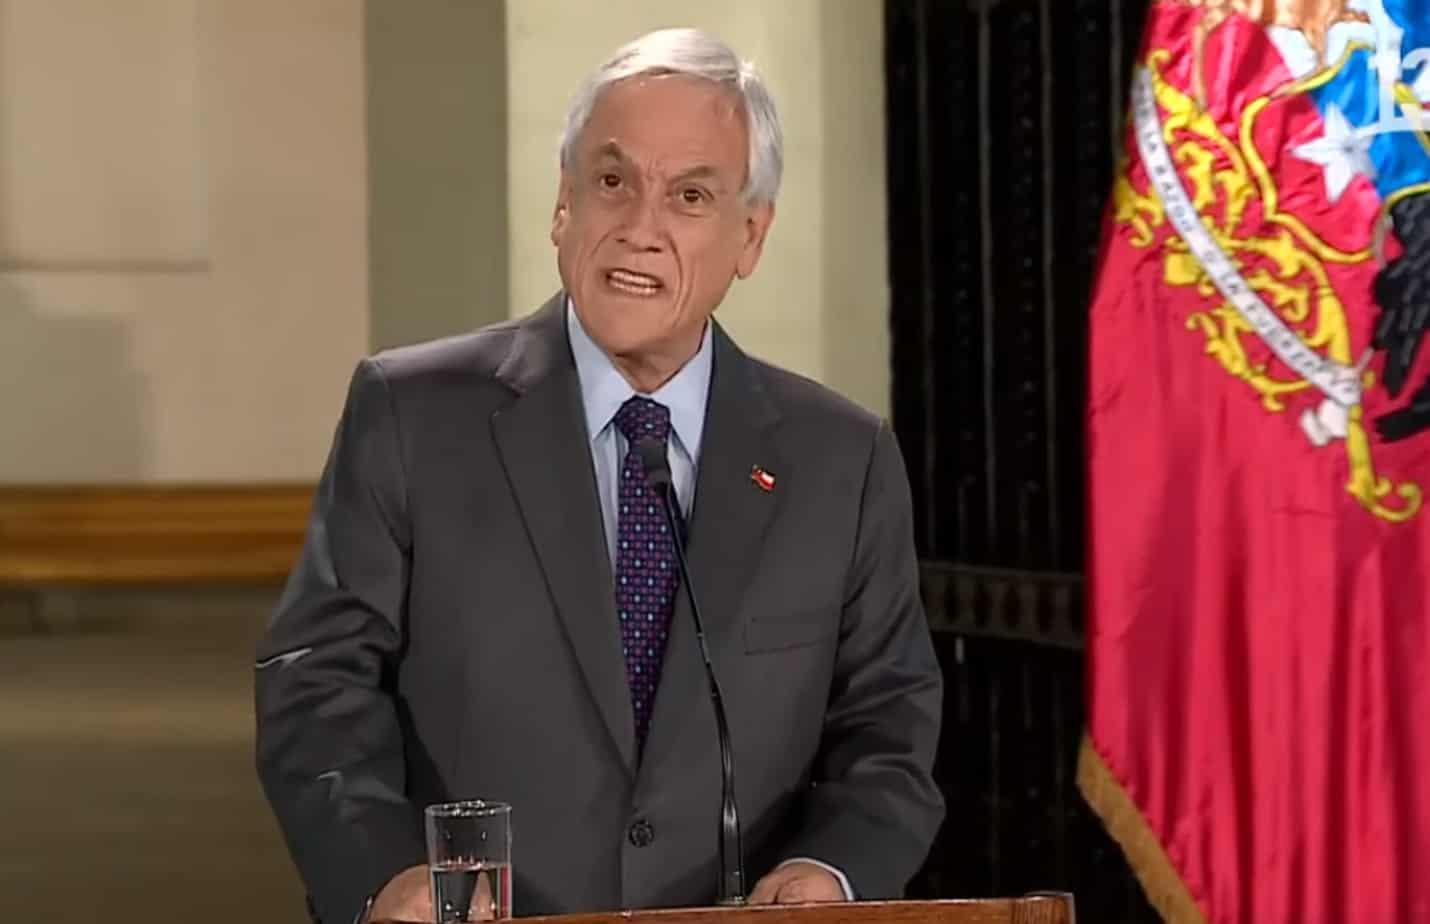 Piñera y violaciones a los Derechos Humanos: «No habrá impunidad»